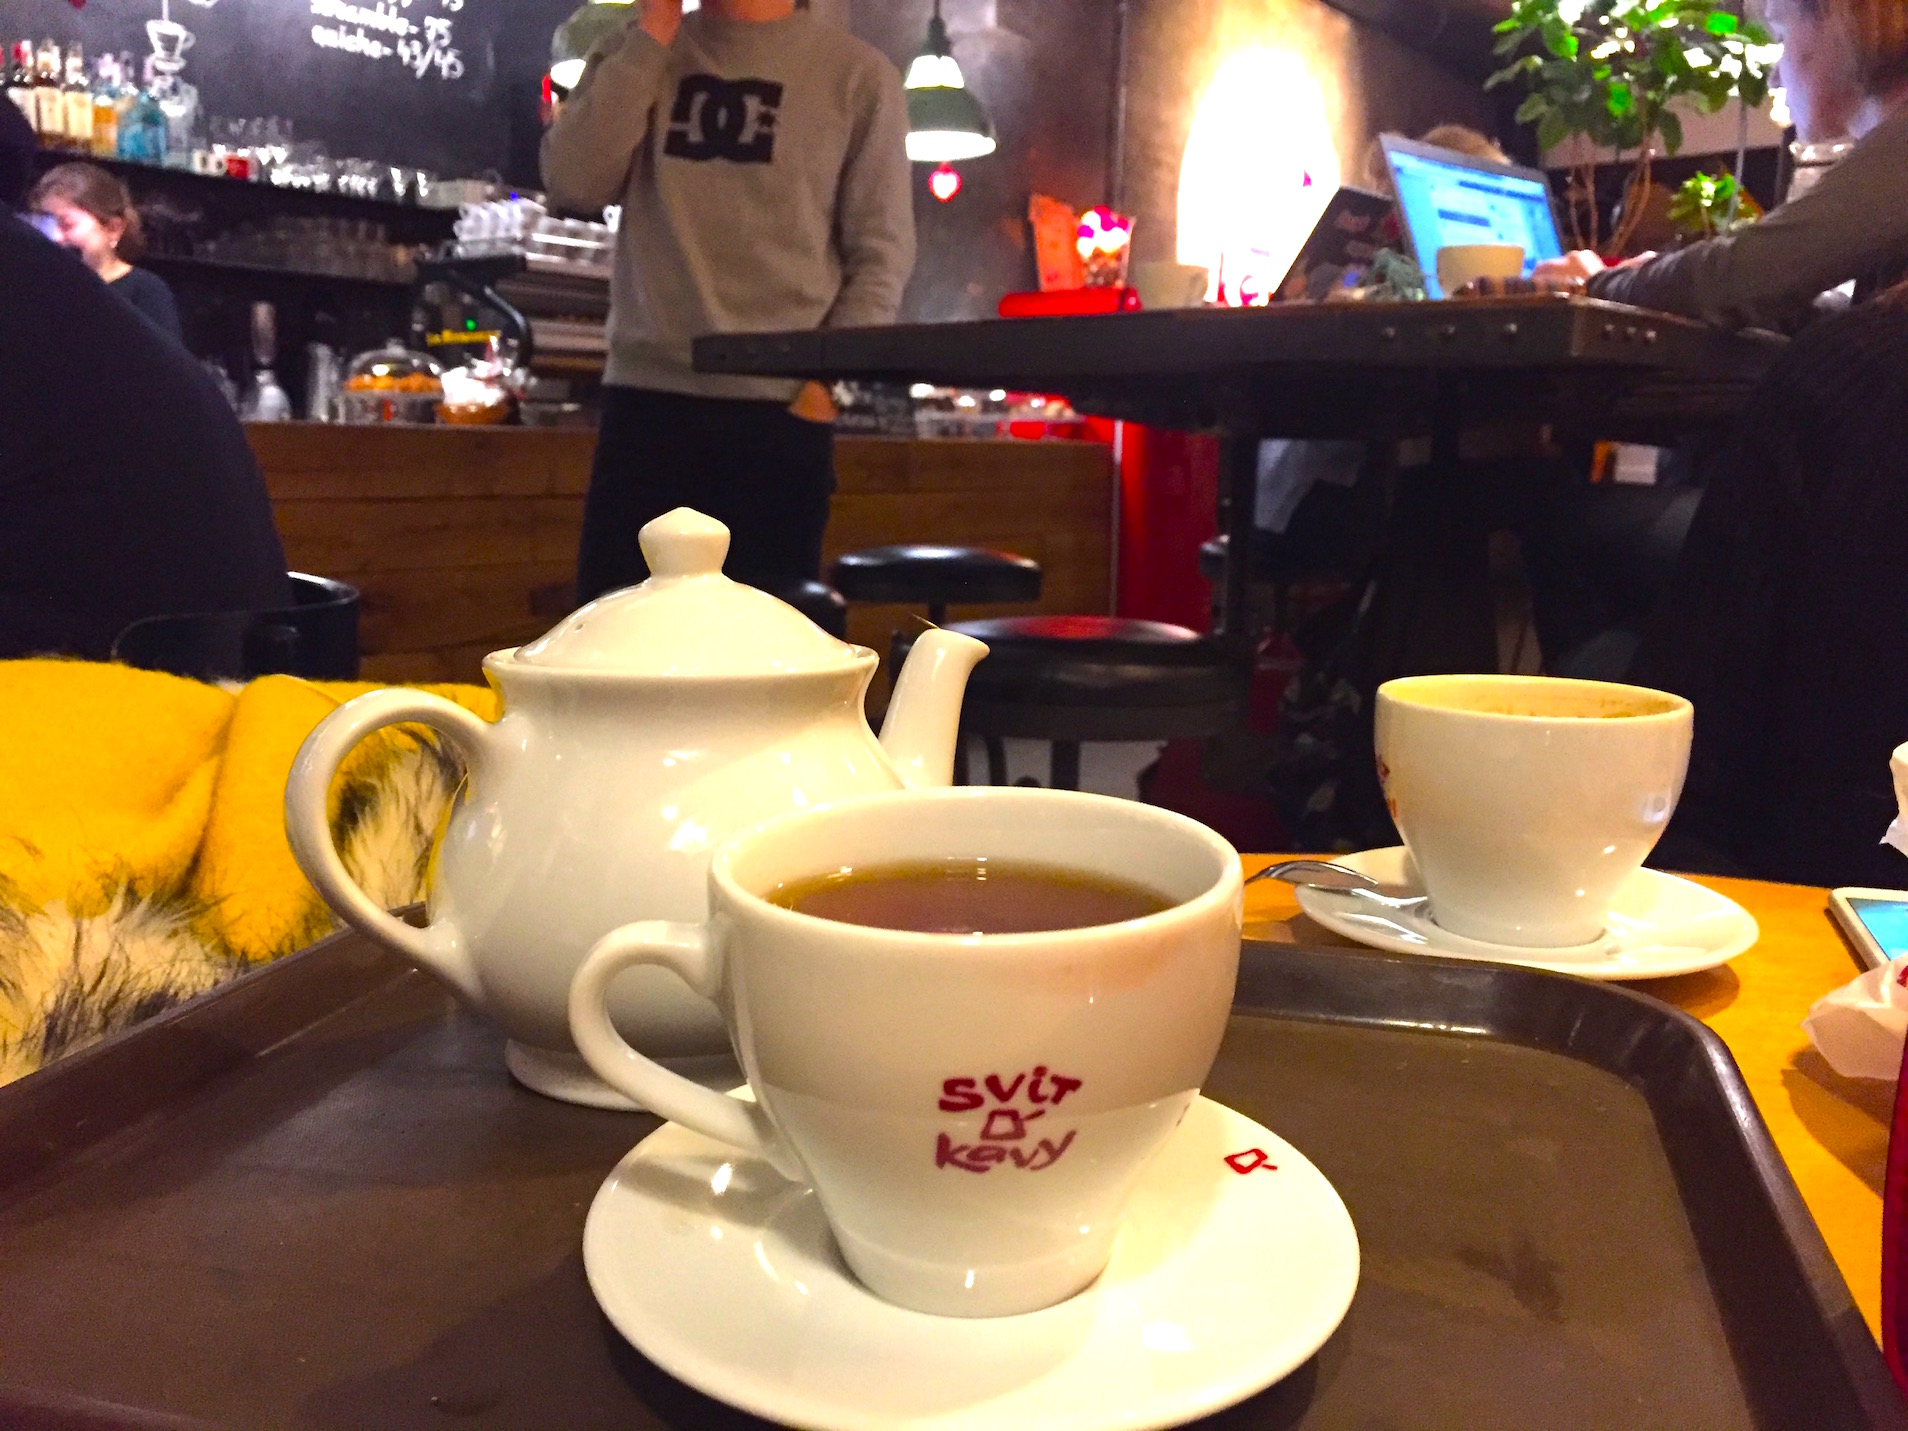 svit kavy lviv 1